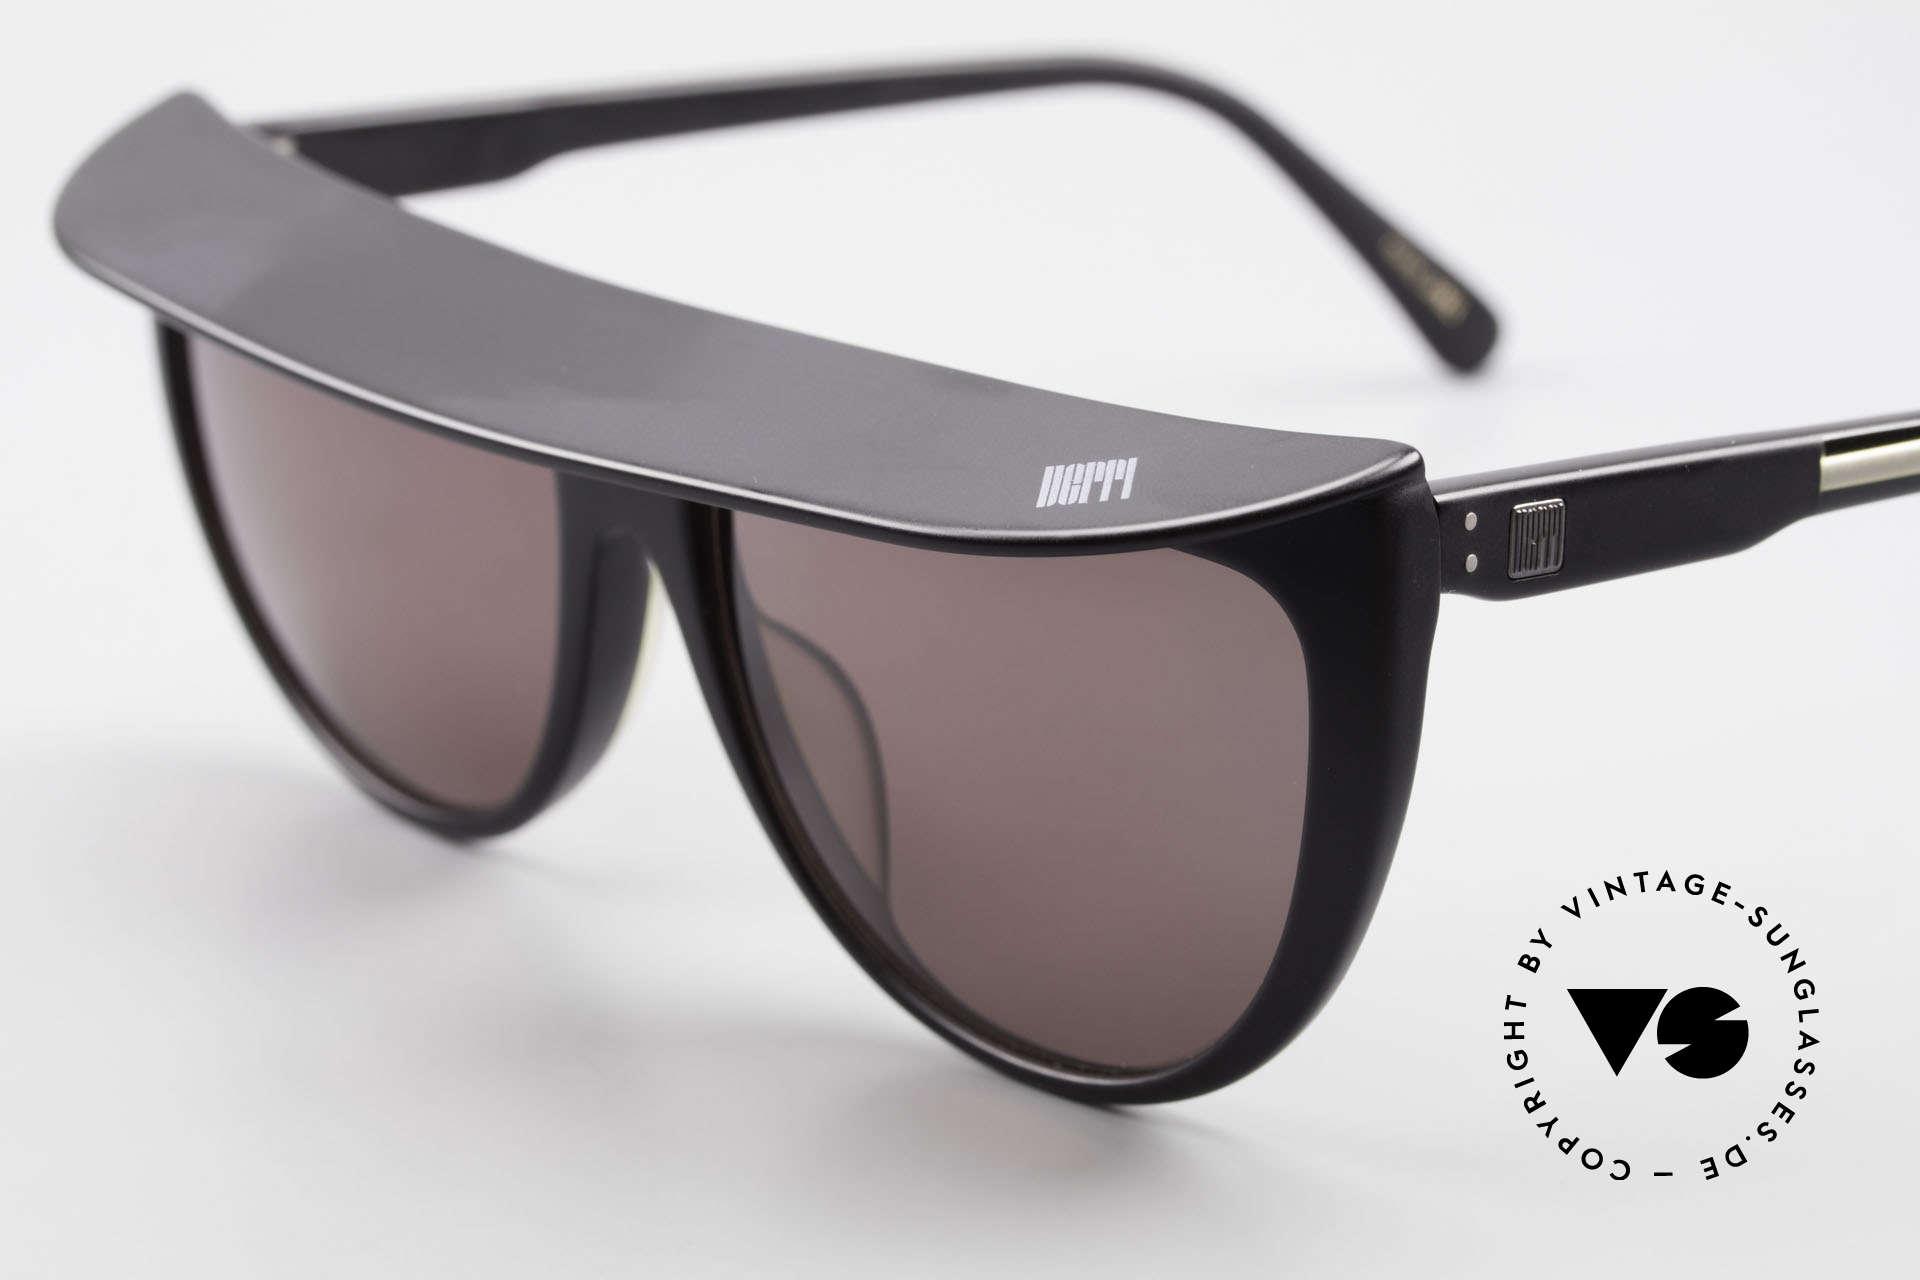 Ugppi 9801 Markisen Sonnenbrille 90er, ungetragen (wie alle unsere VINTAGE Insider Brillen), Passend für Herren und Damen